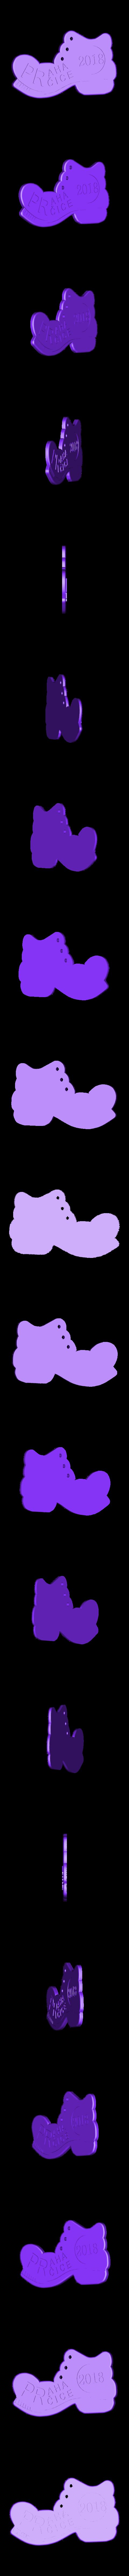 PPP2018.stl Télécharger fichier STL gratuit Botička / Chaussure (récompense du voyage de randonnée tchèque Praha - Prčice) • Design imprimable en 3D, tomast